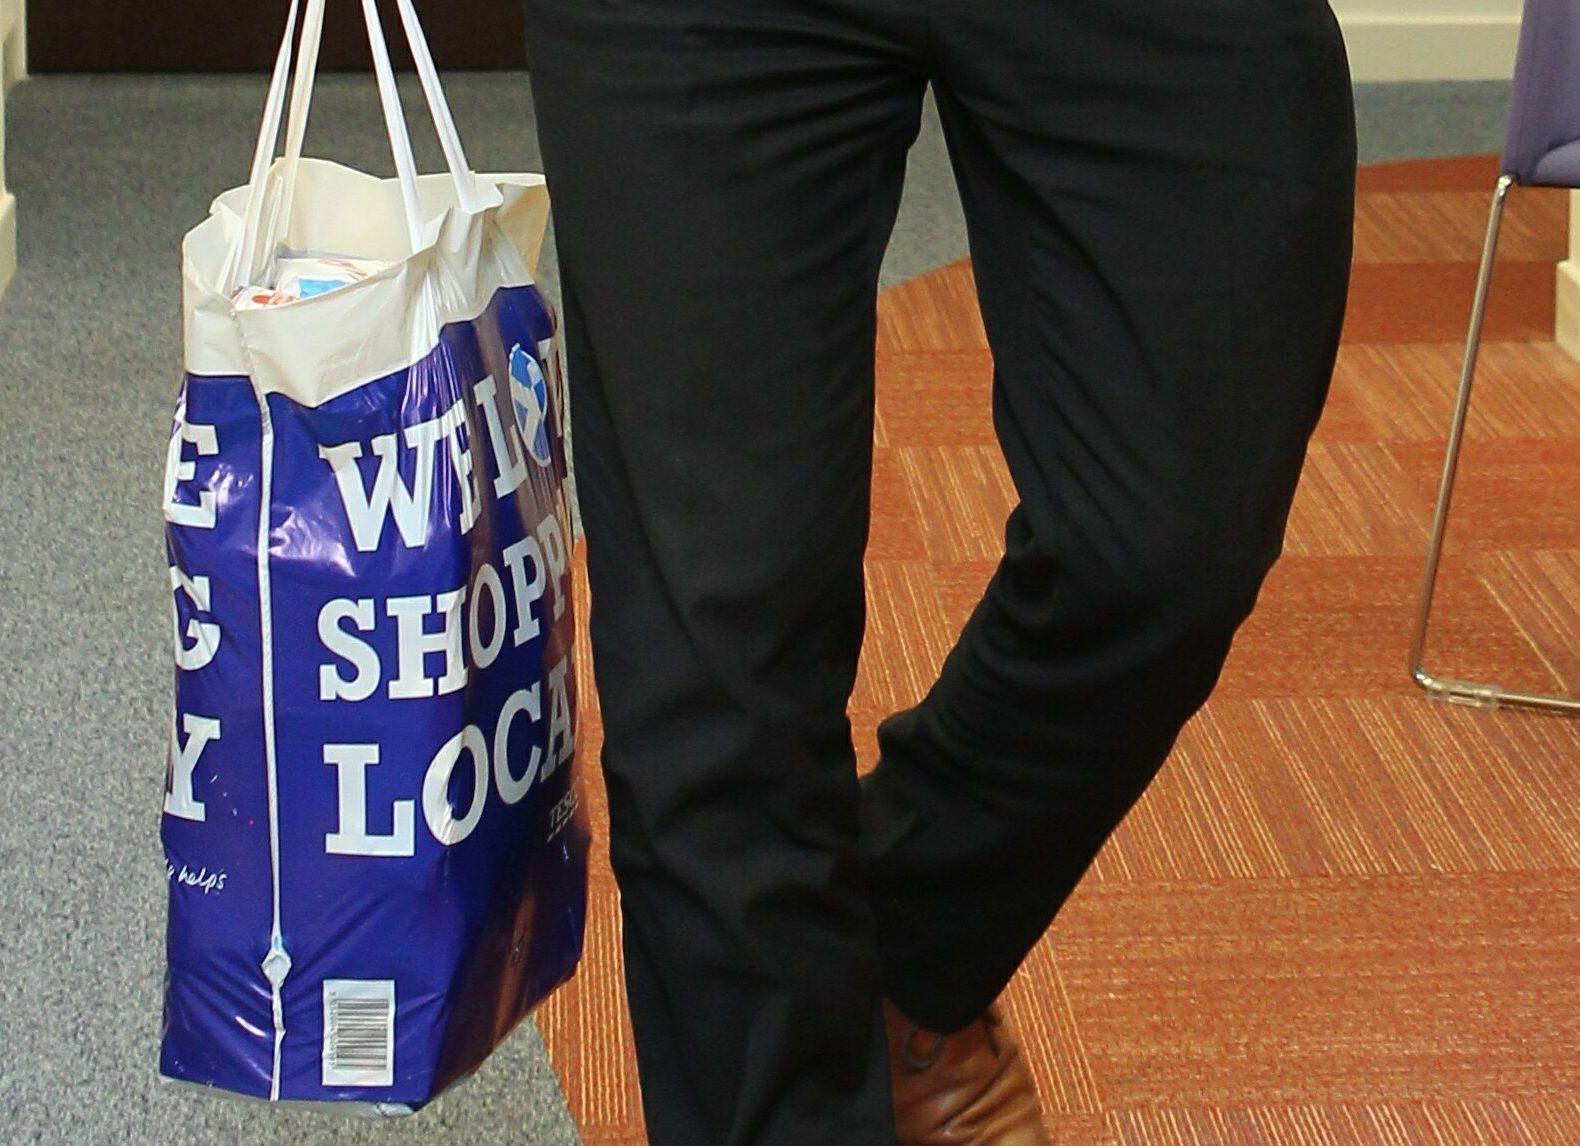 A Tesco bag for life.